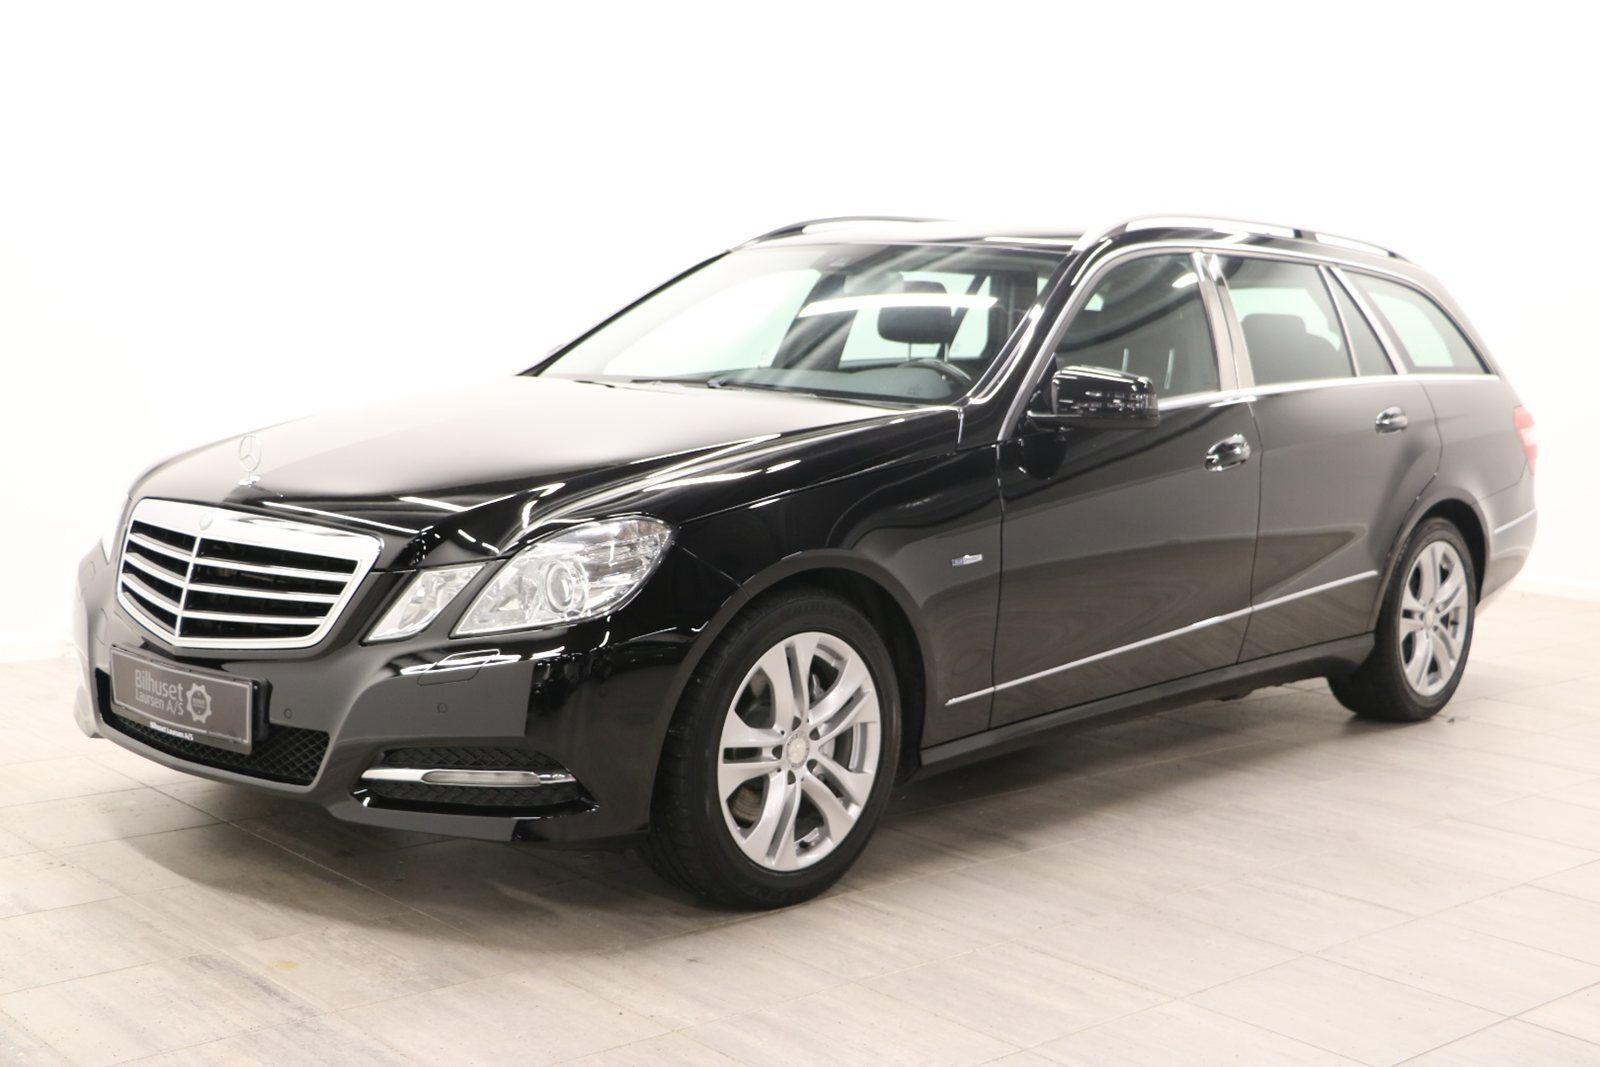 Mercedes E350 3,0 CDi Avantgarde stc. aut. BE 5d - 349.900 kr.